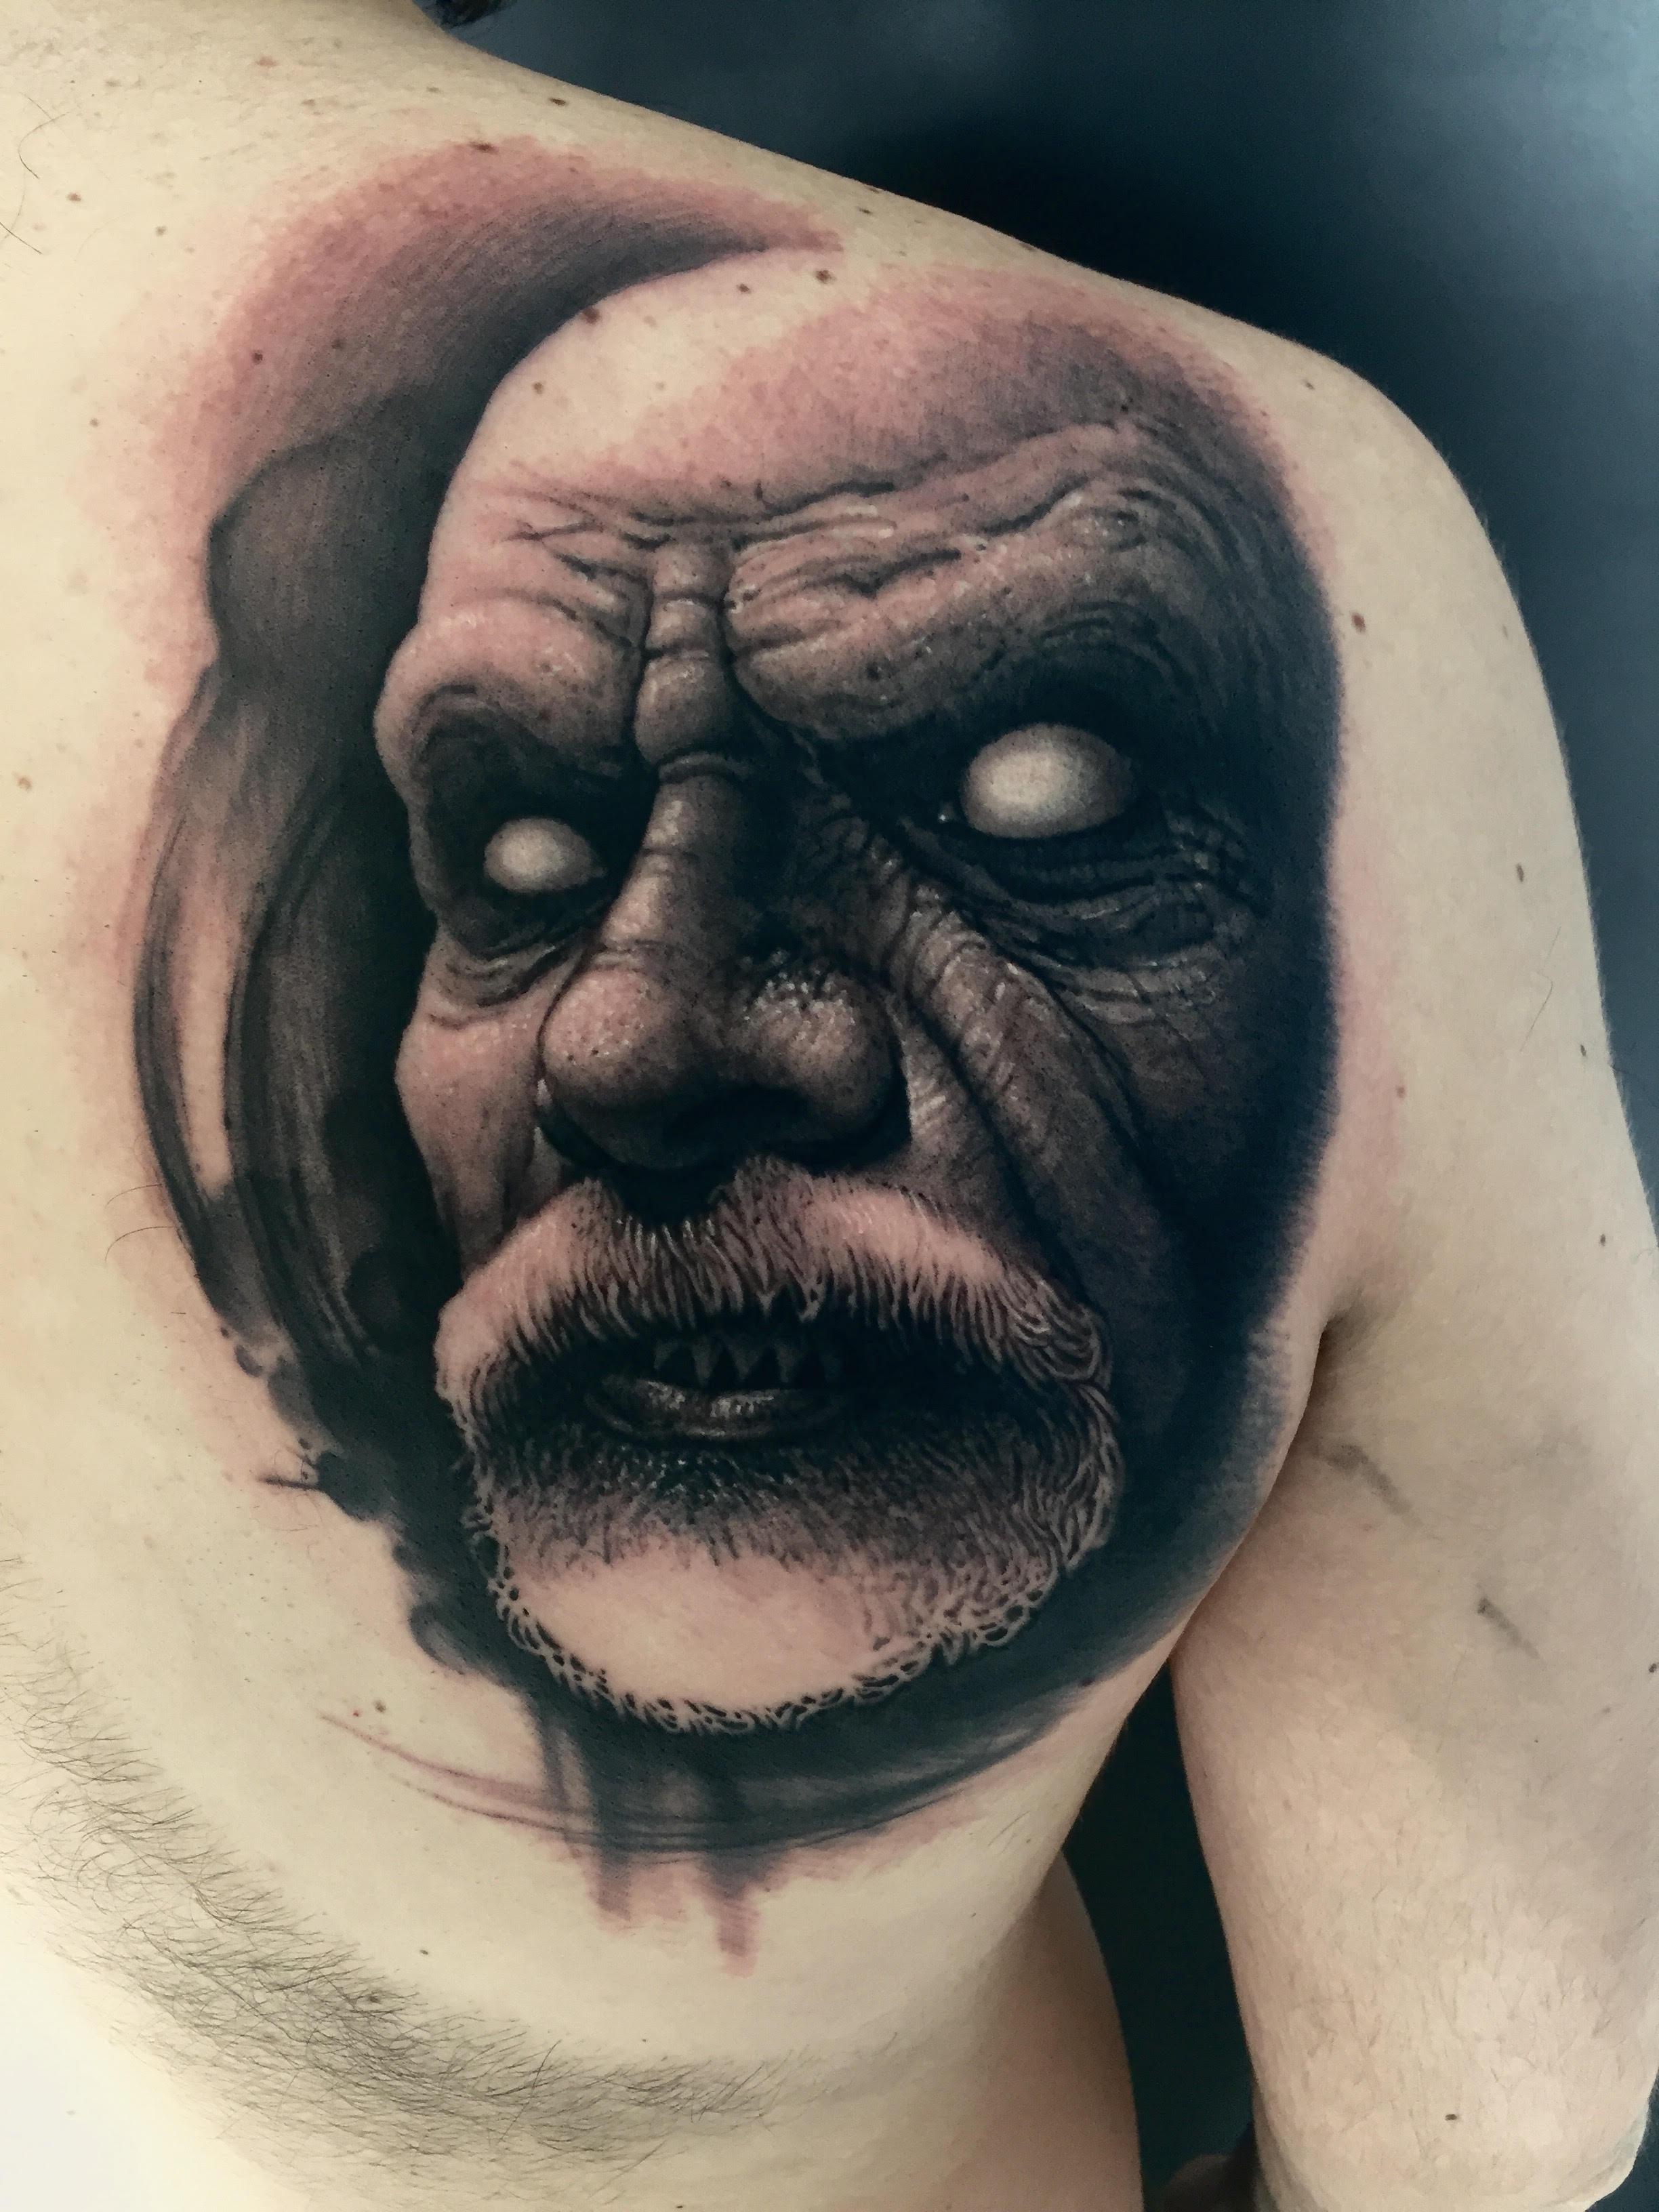 I tatuaggi di Clod the Ripper - Foto di Marco Annunziata